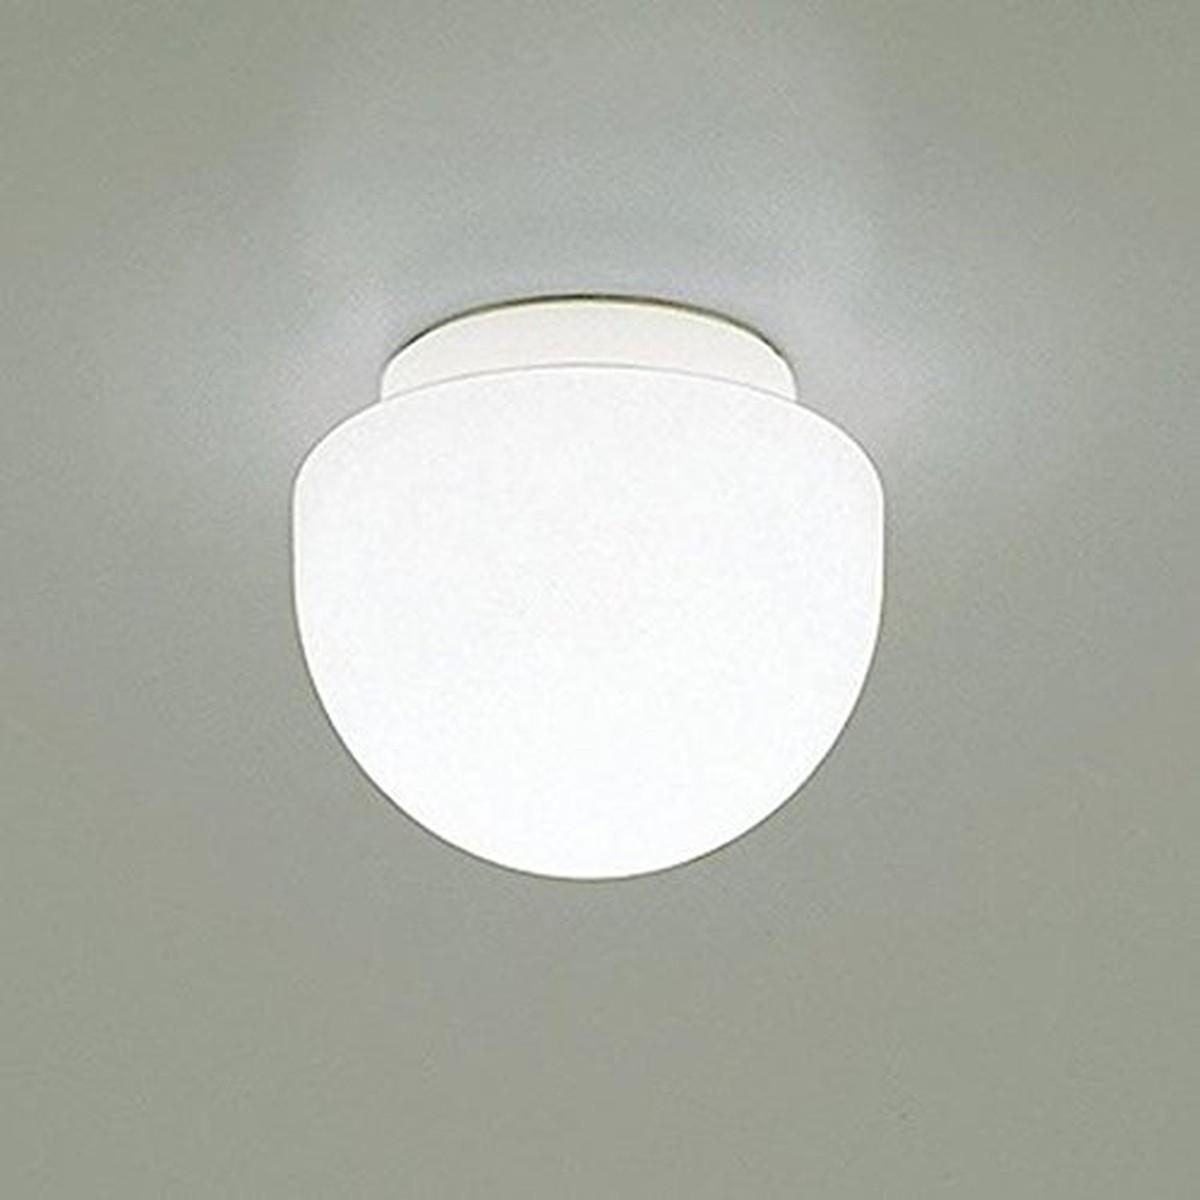 ダイコー LED浴室灯【要電気工事】DAIKO DXL-81285C【クーポン配布中】